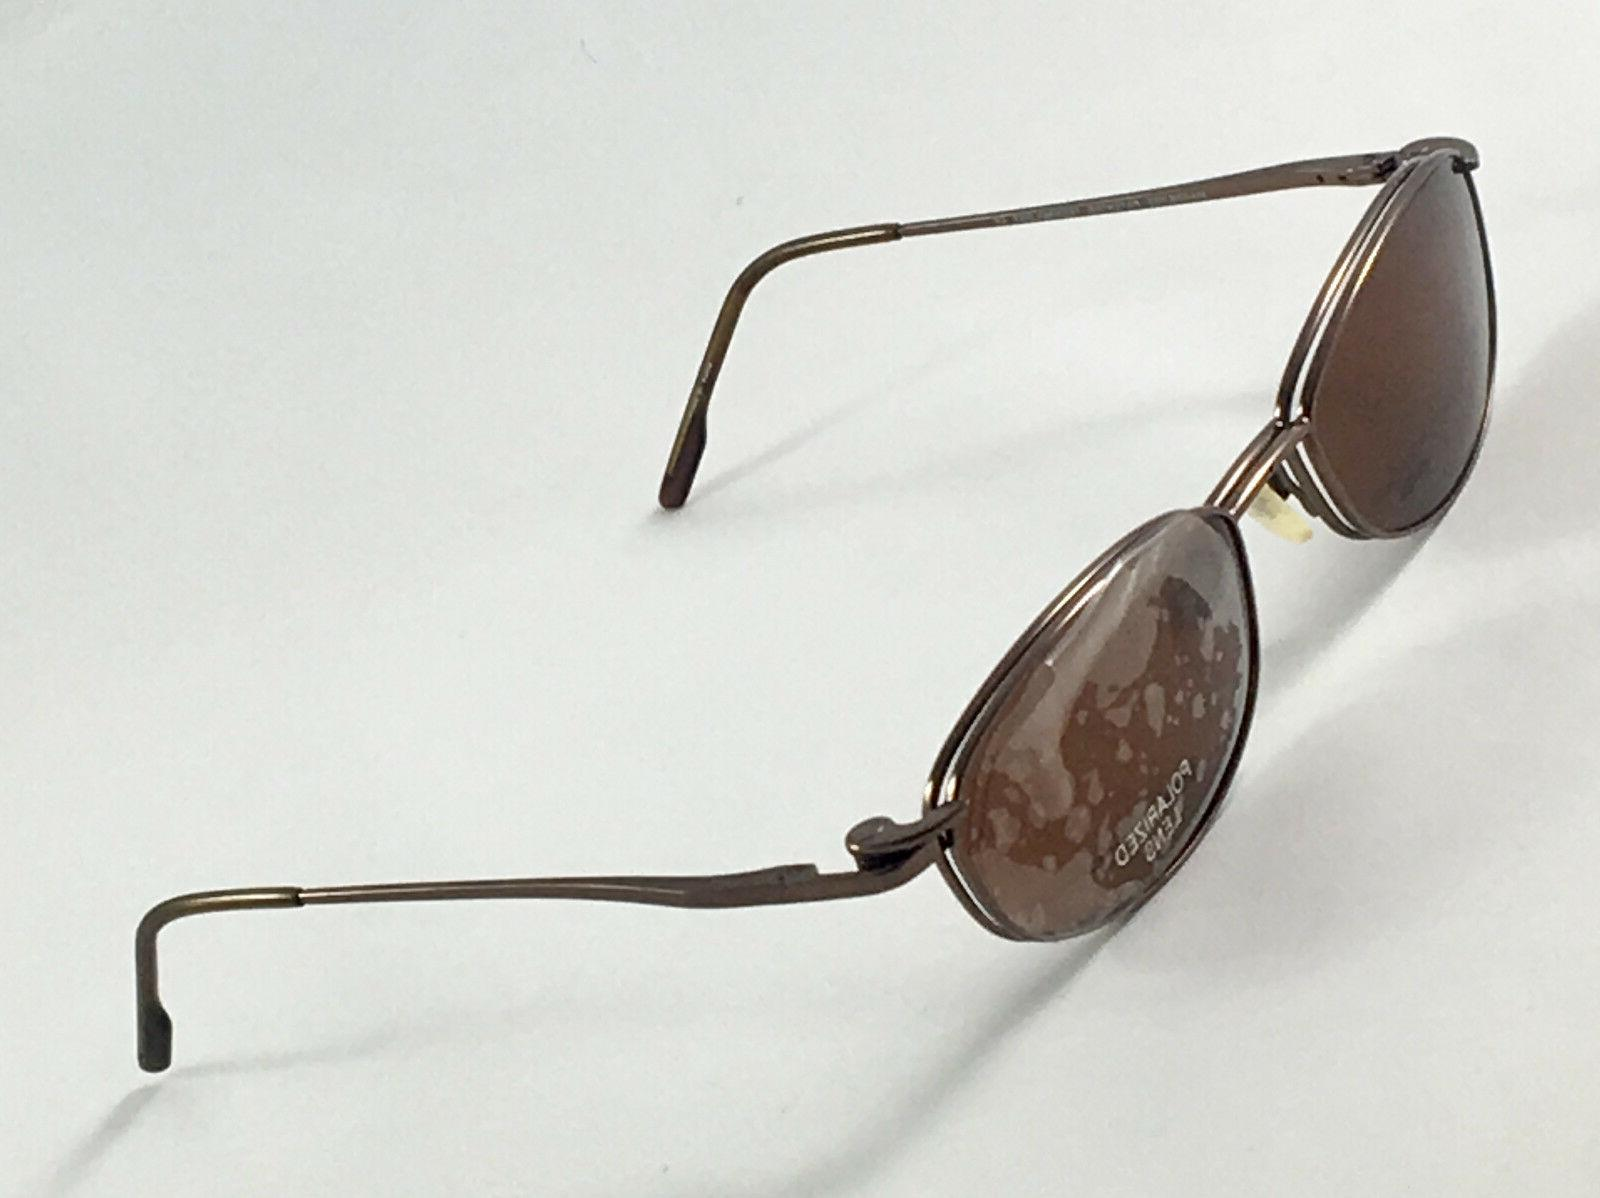 Men's Eyeglasses On Sunglasses